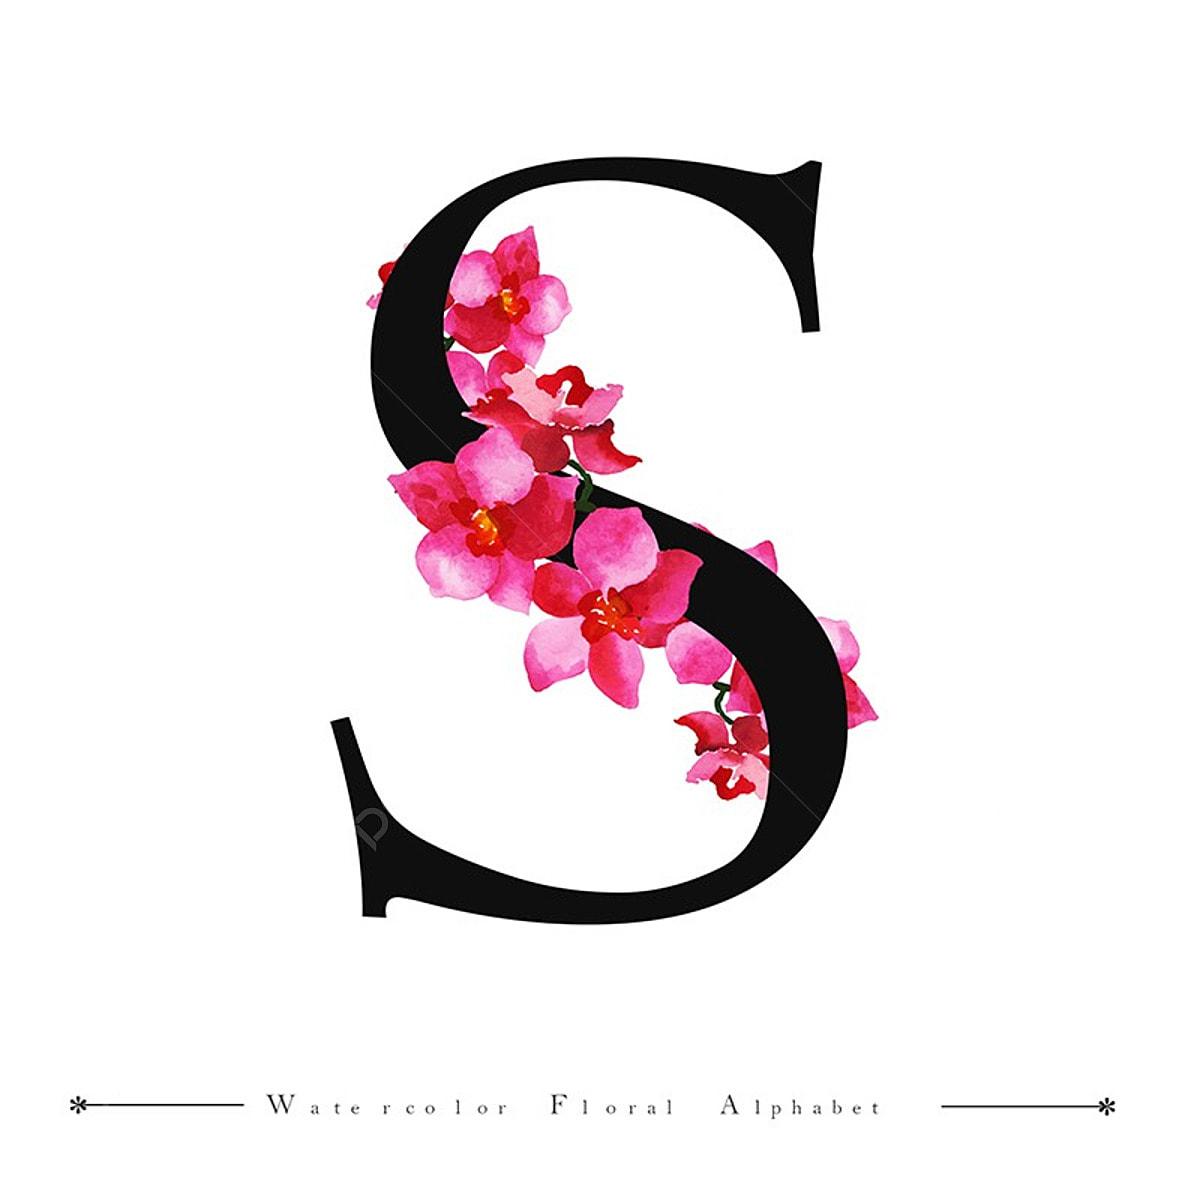 S Lettre De L'alphabet Aquarelle Fond Floral, Peinture, Couleur, Peints PNG  et vecteur pour téléchargement gratuit